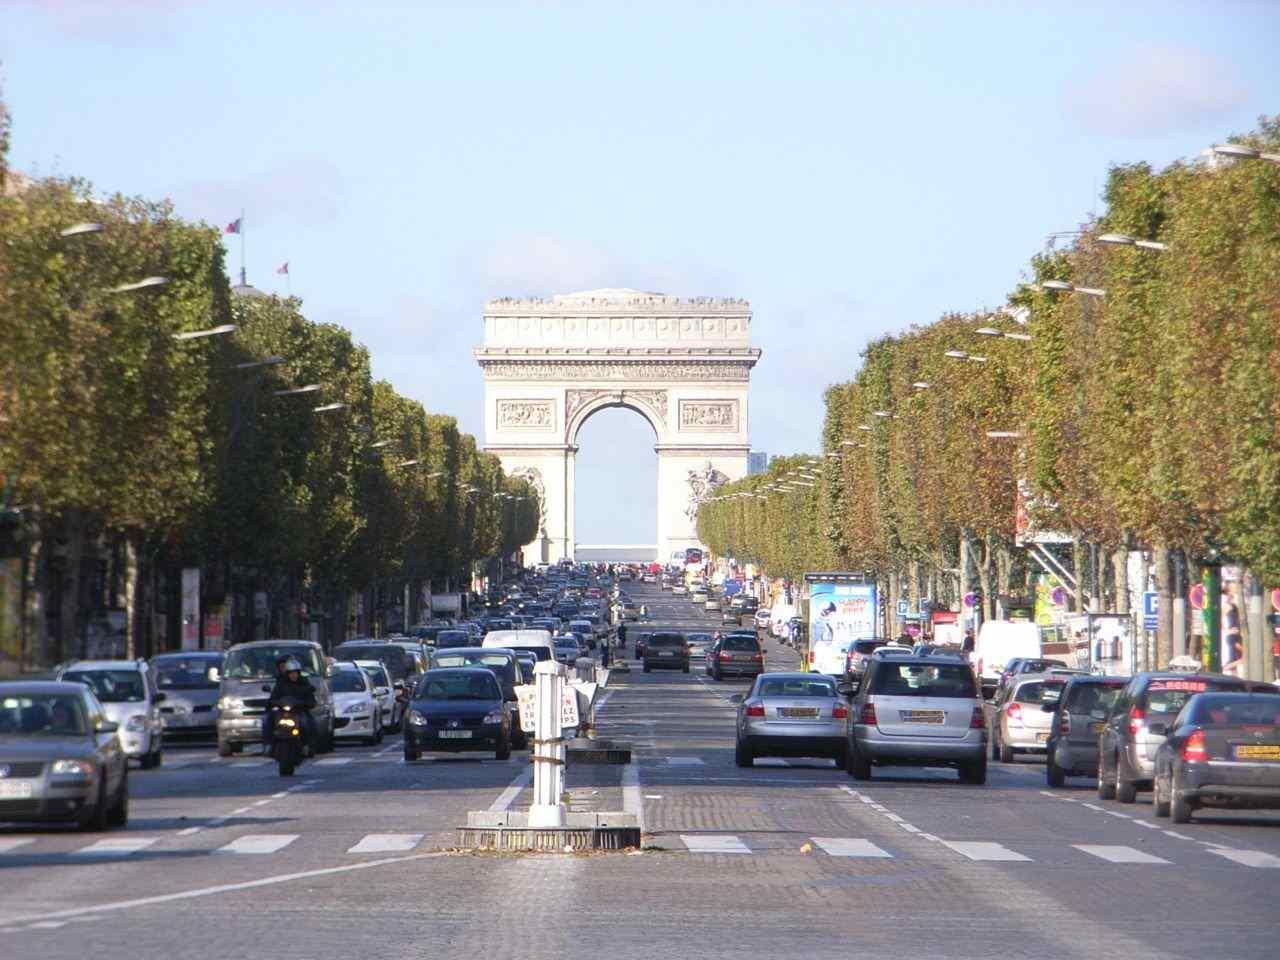 【必見】パリの凱旋門とエッフェル塔を上空から撮影した夜景がゴージャスすぎる!